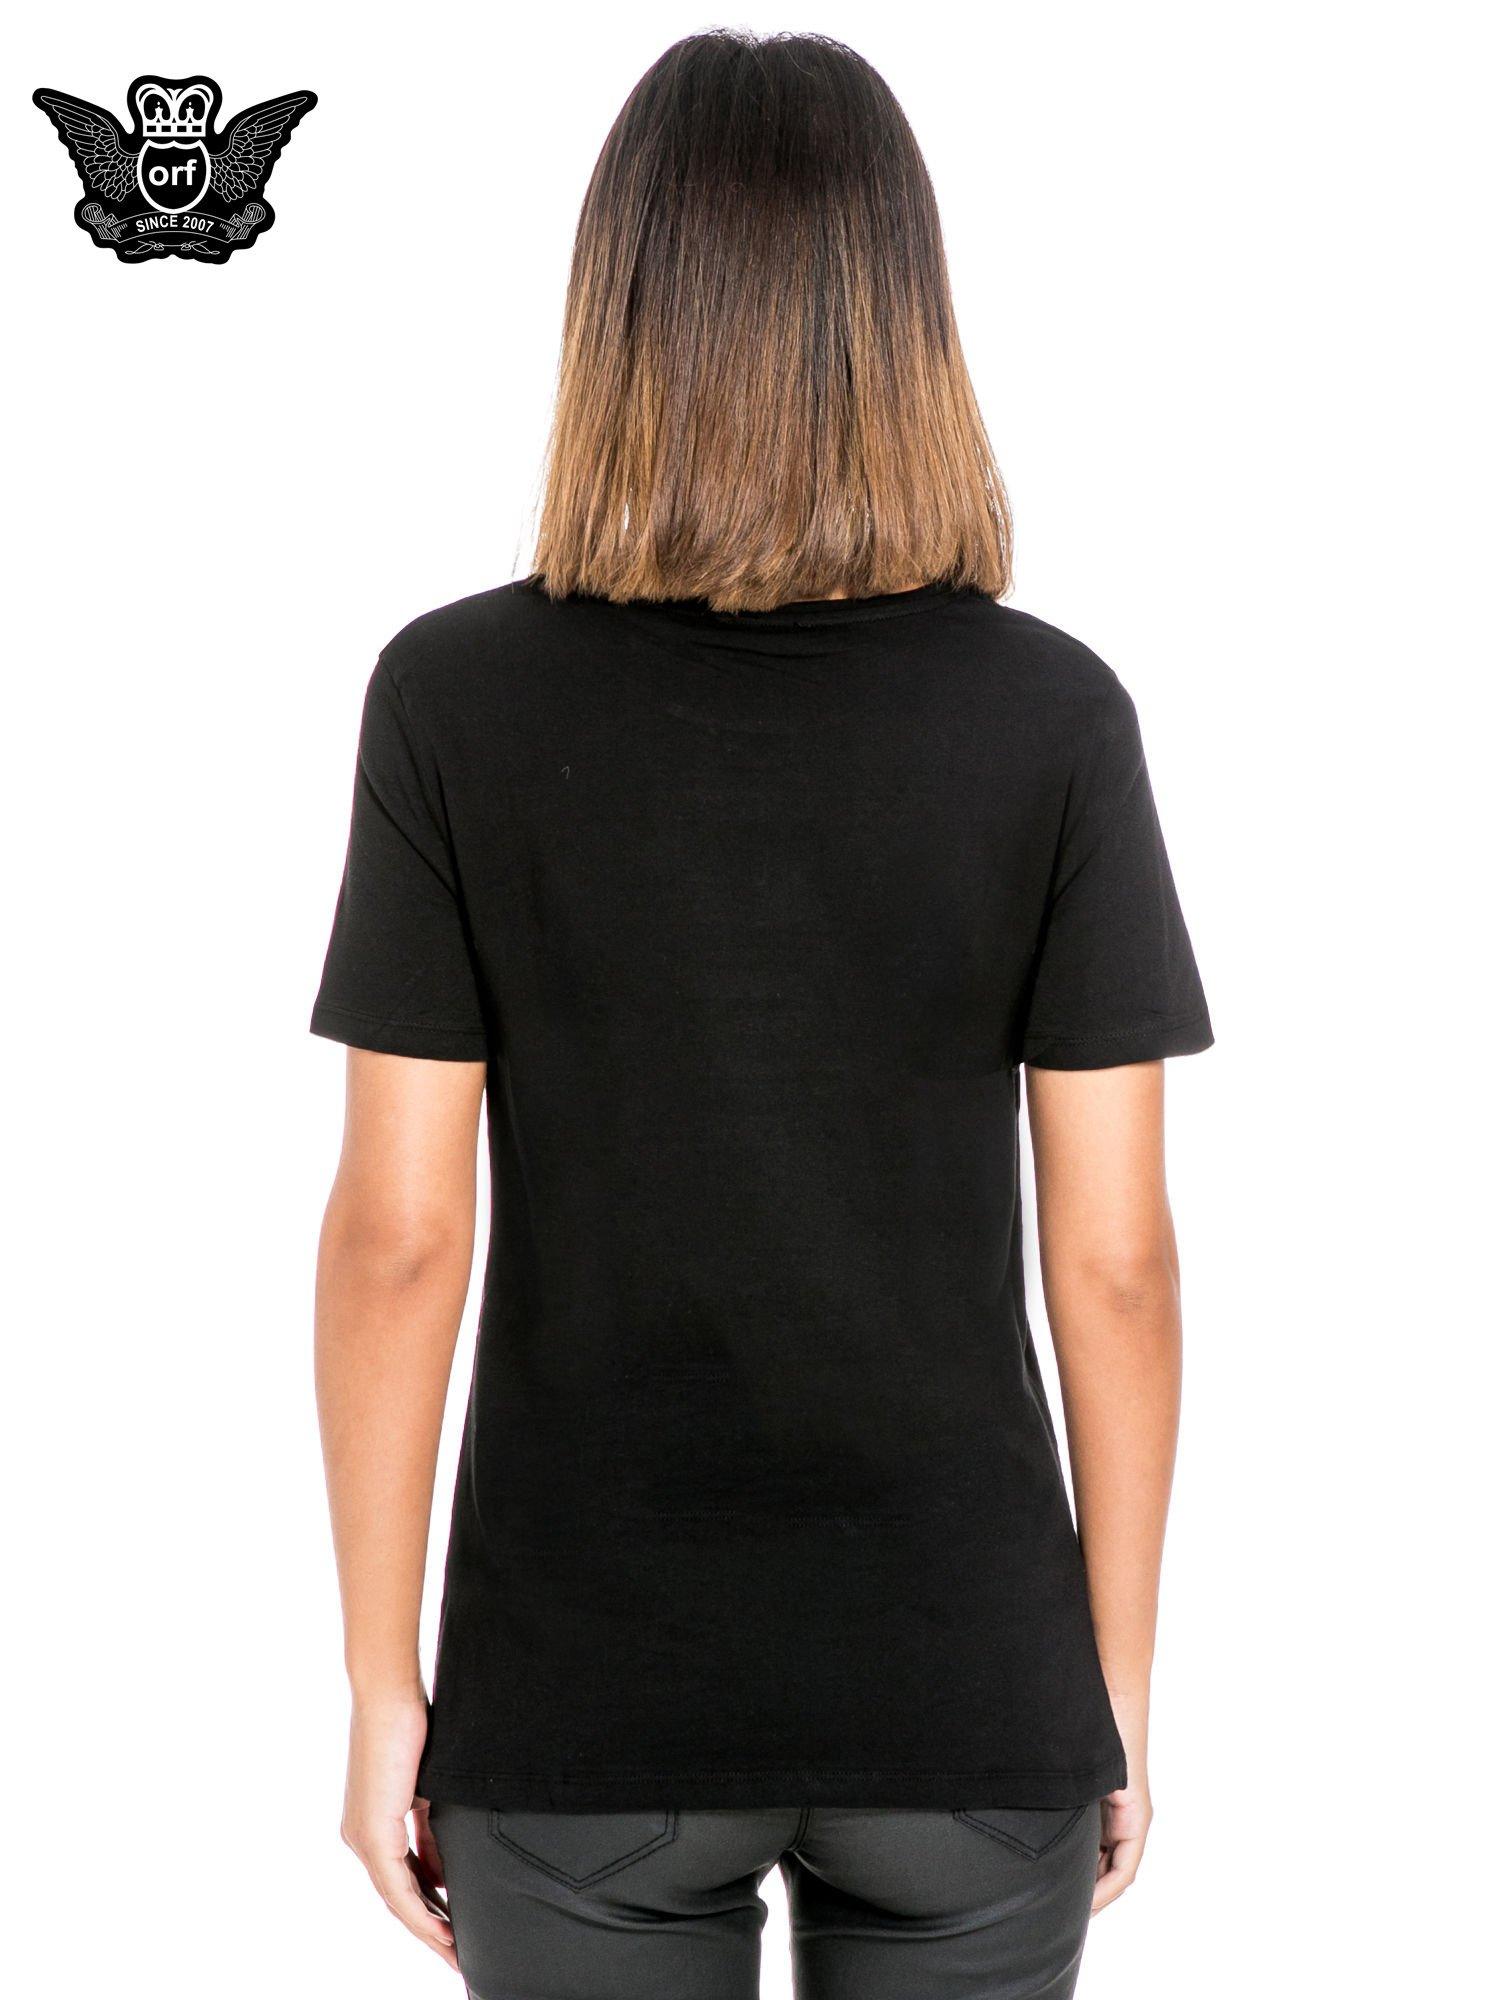 Czarny t-shirt z kieszonką z ozdobnymi kamieniami                                  zdj.                                  4